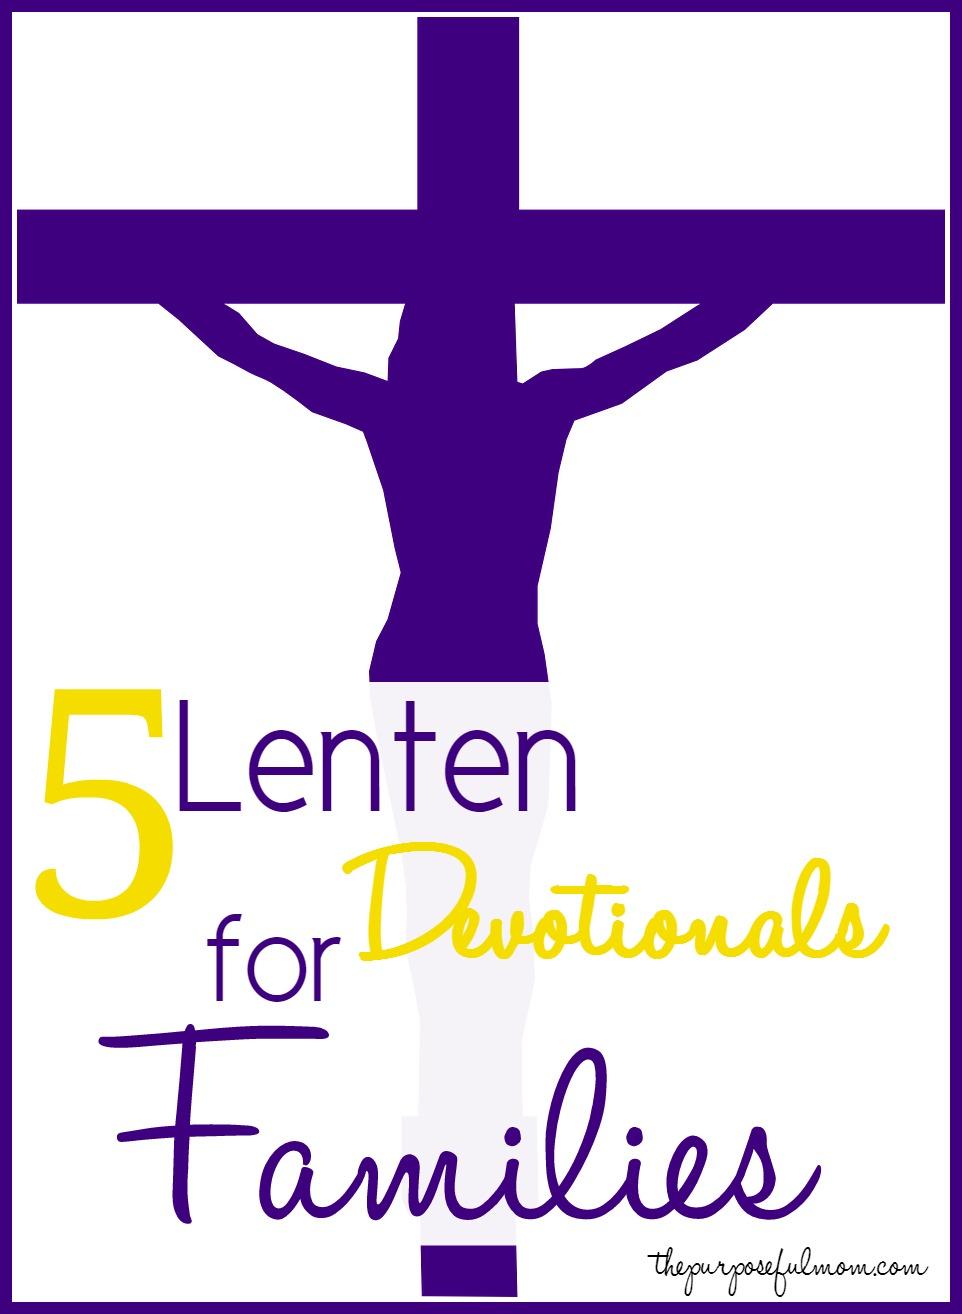 5 lenten devotionals for families the purposeful mom rh thepurposefulmom com Thirst for God Desiring God Wallpaper